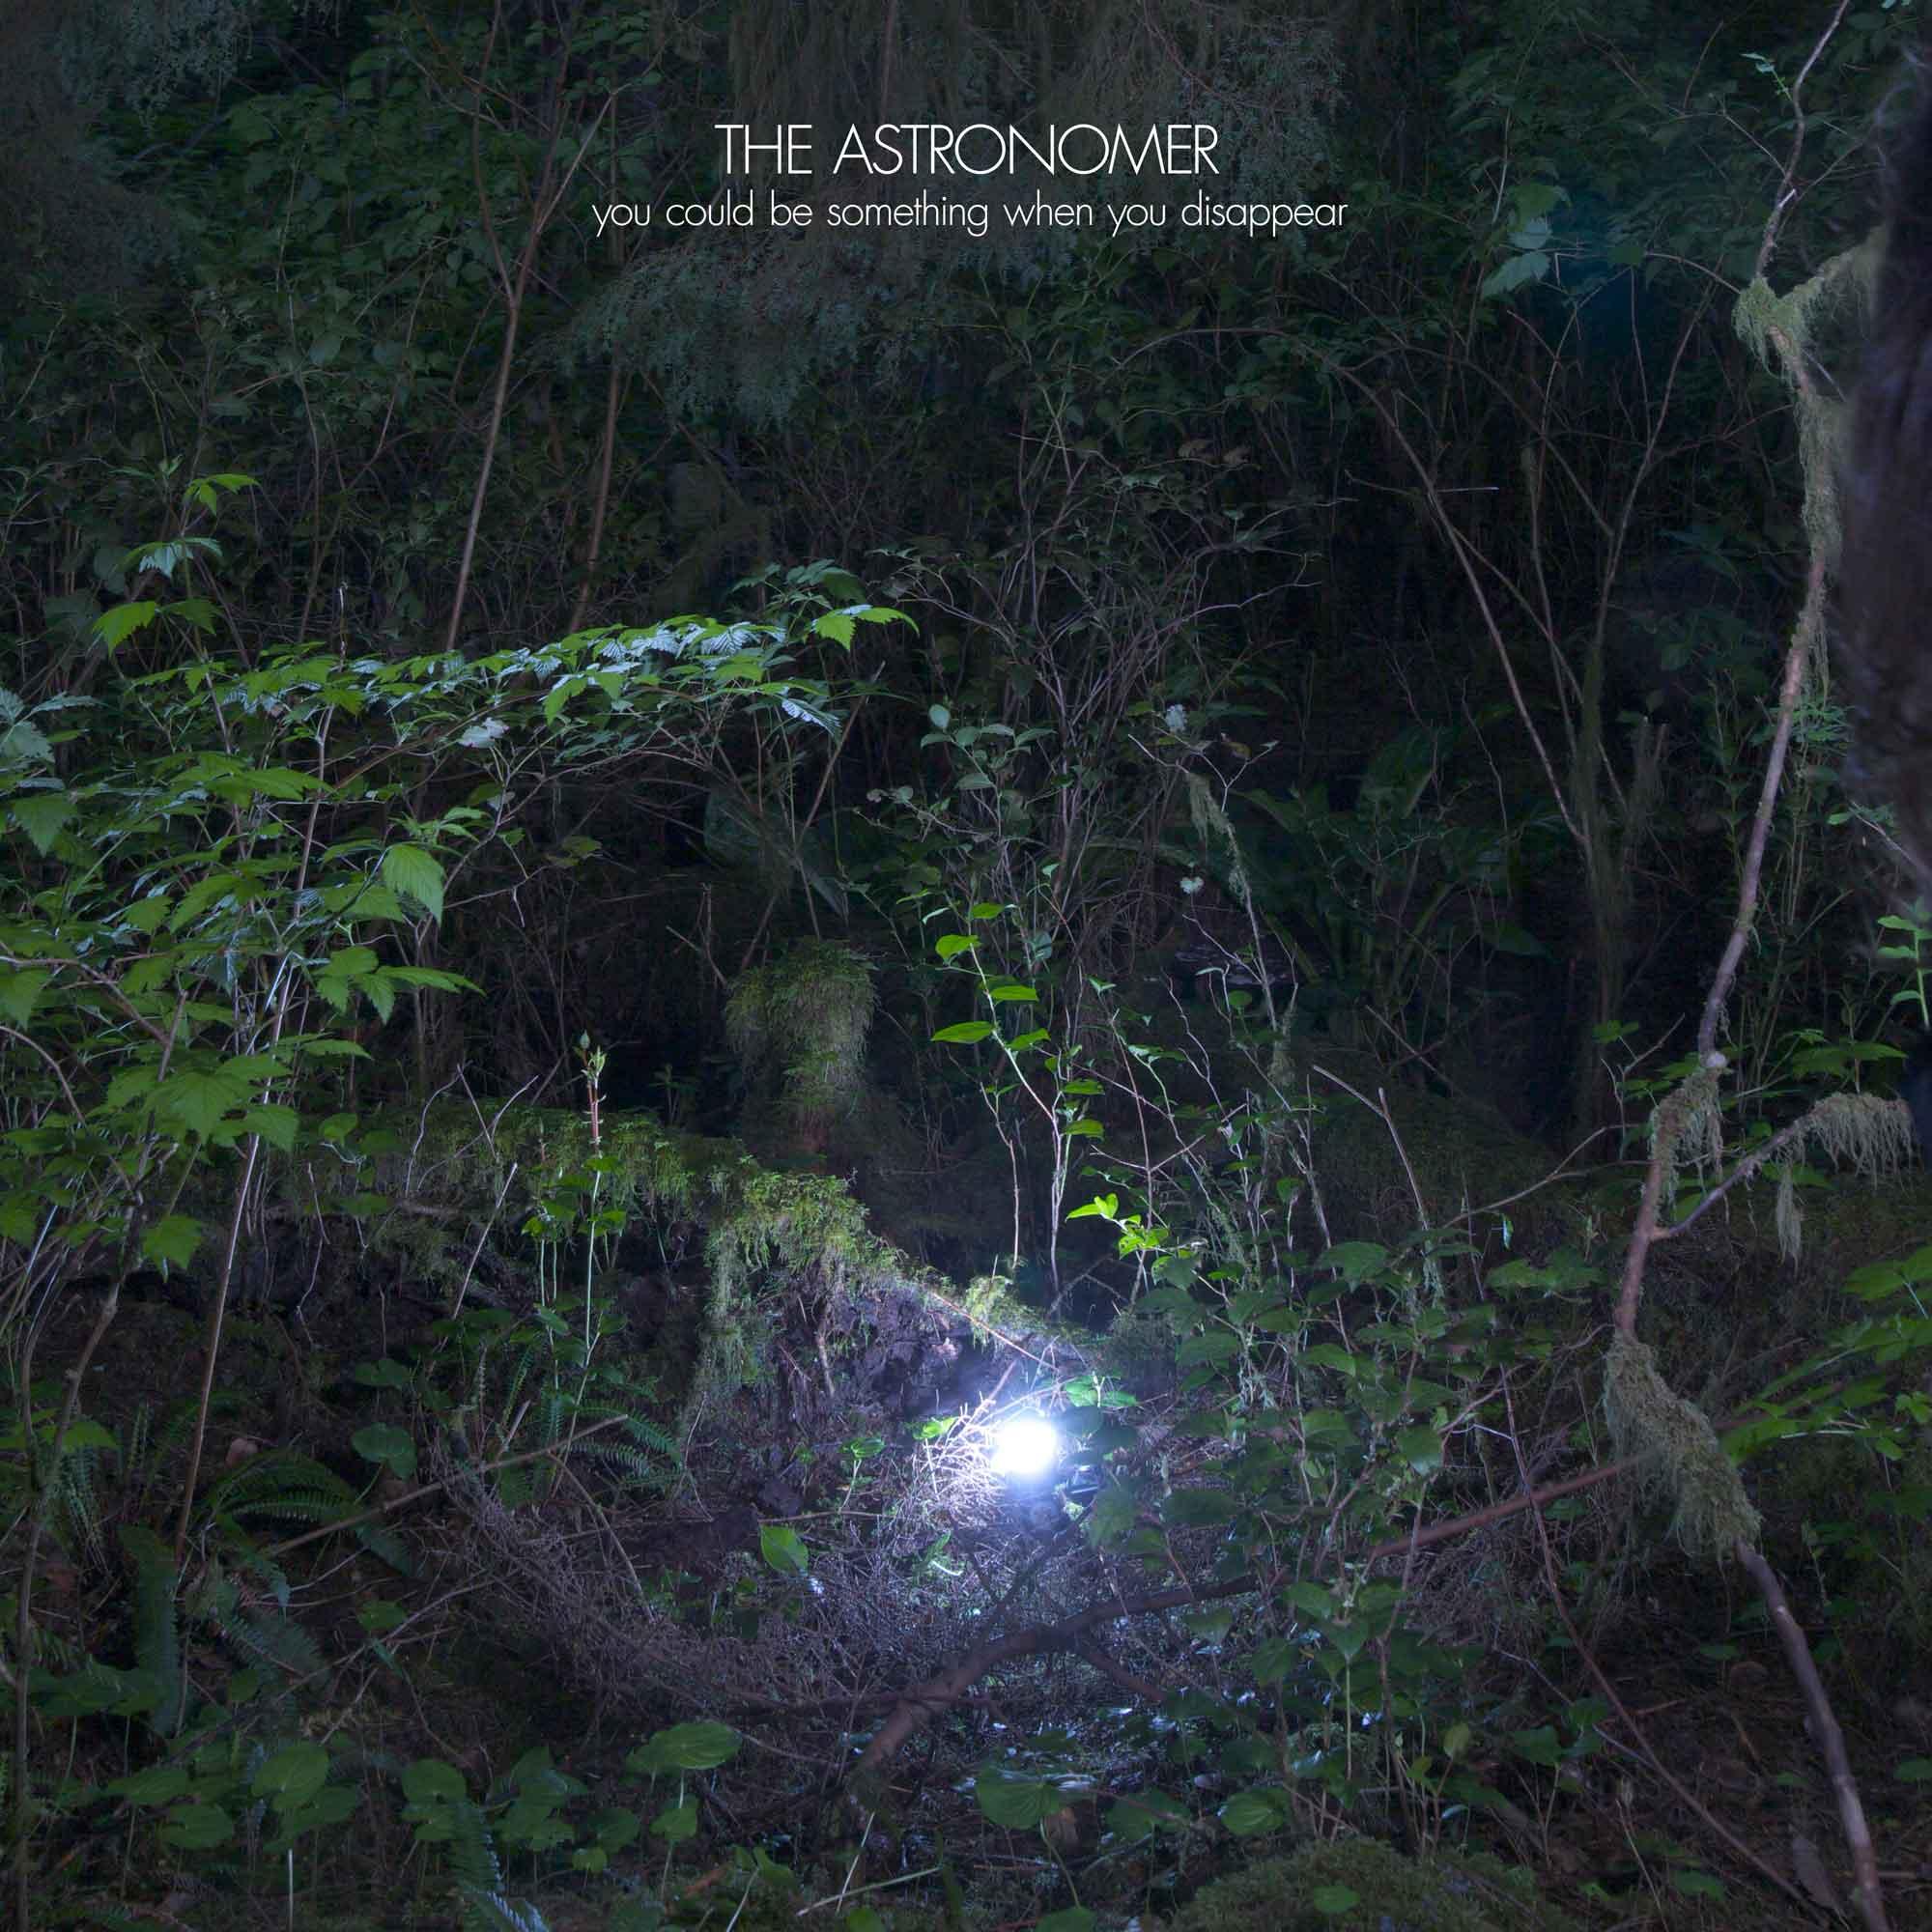 astronomer_cover.jpg